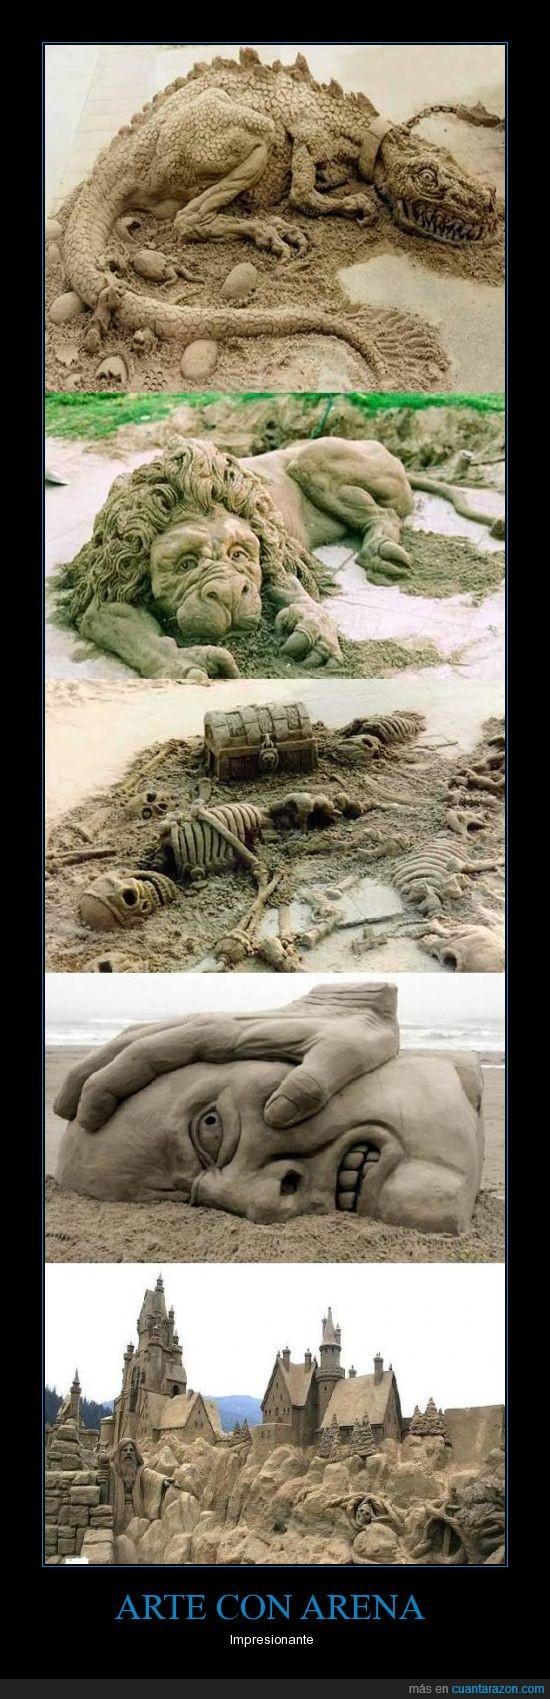 arena,Arte,cara,castillo,dragon,esqueleto,leon,playa